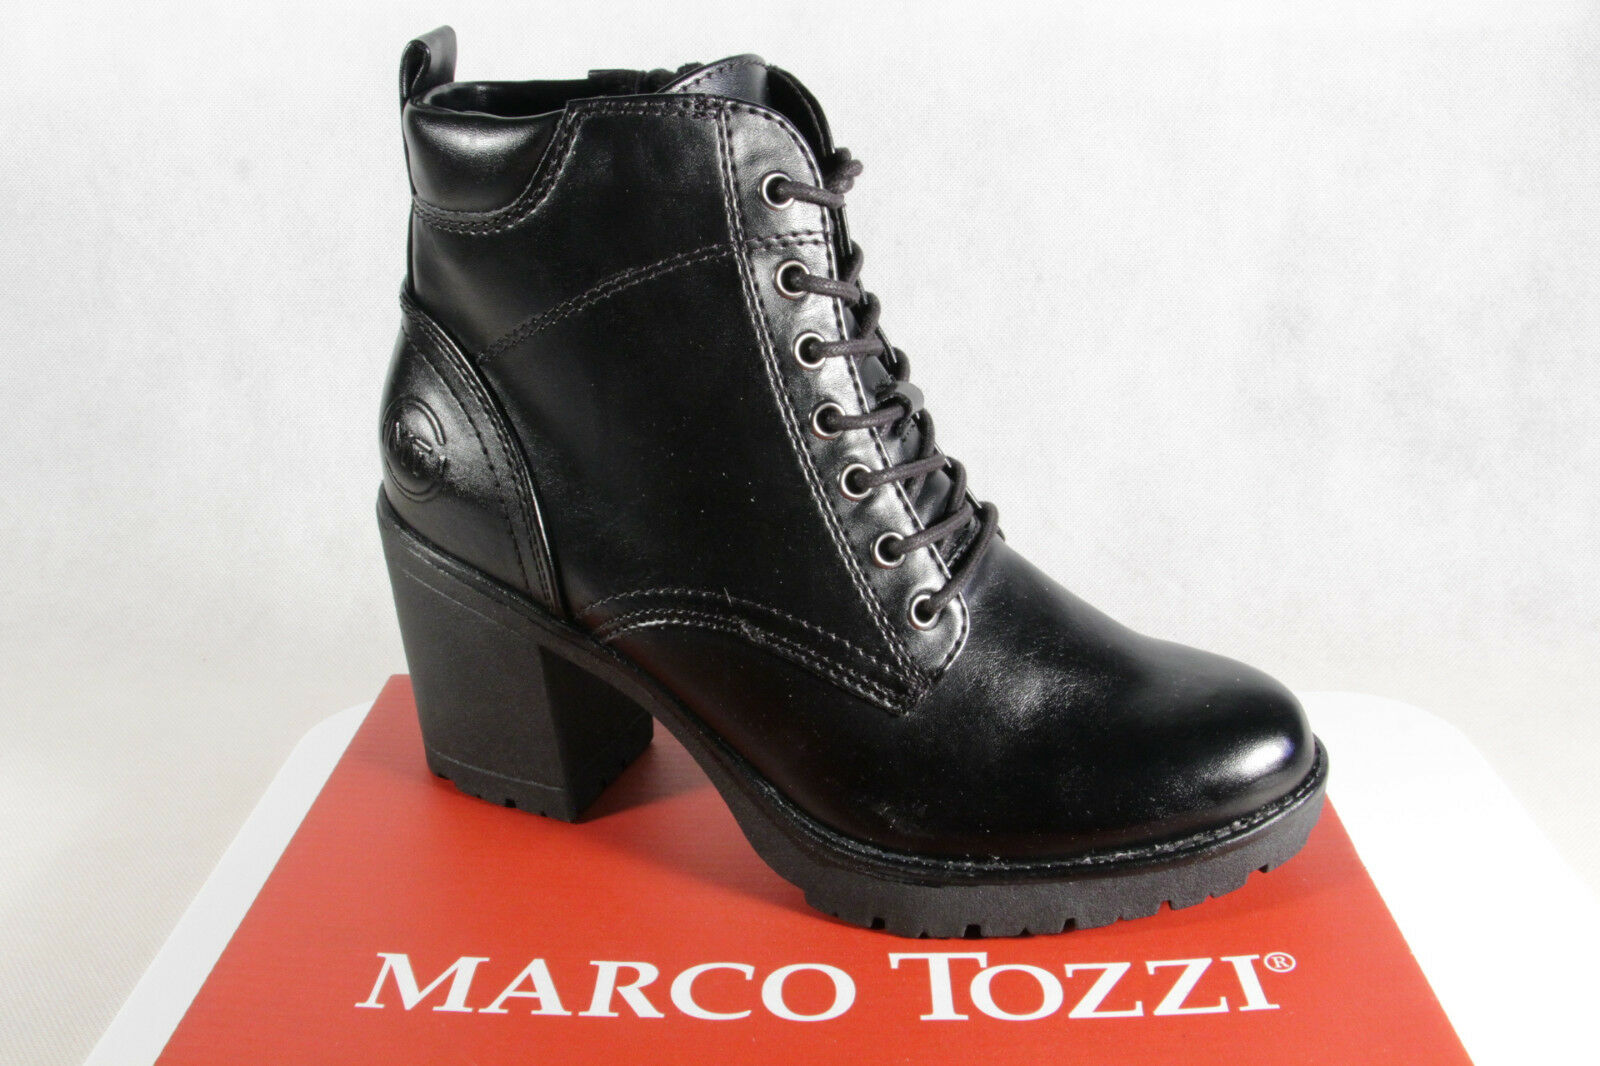 di moda Marco Tozzi Stivali donna stivali stivaletti stivaletti stivaletti stivali coi lacci, 25204 NUOVO  prezzo all'ingrosso e qualità affidabile